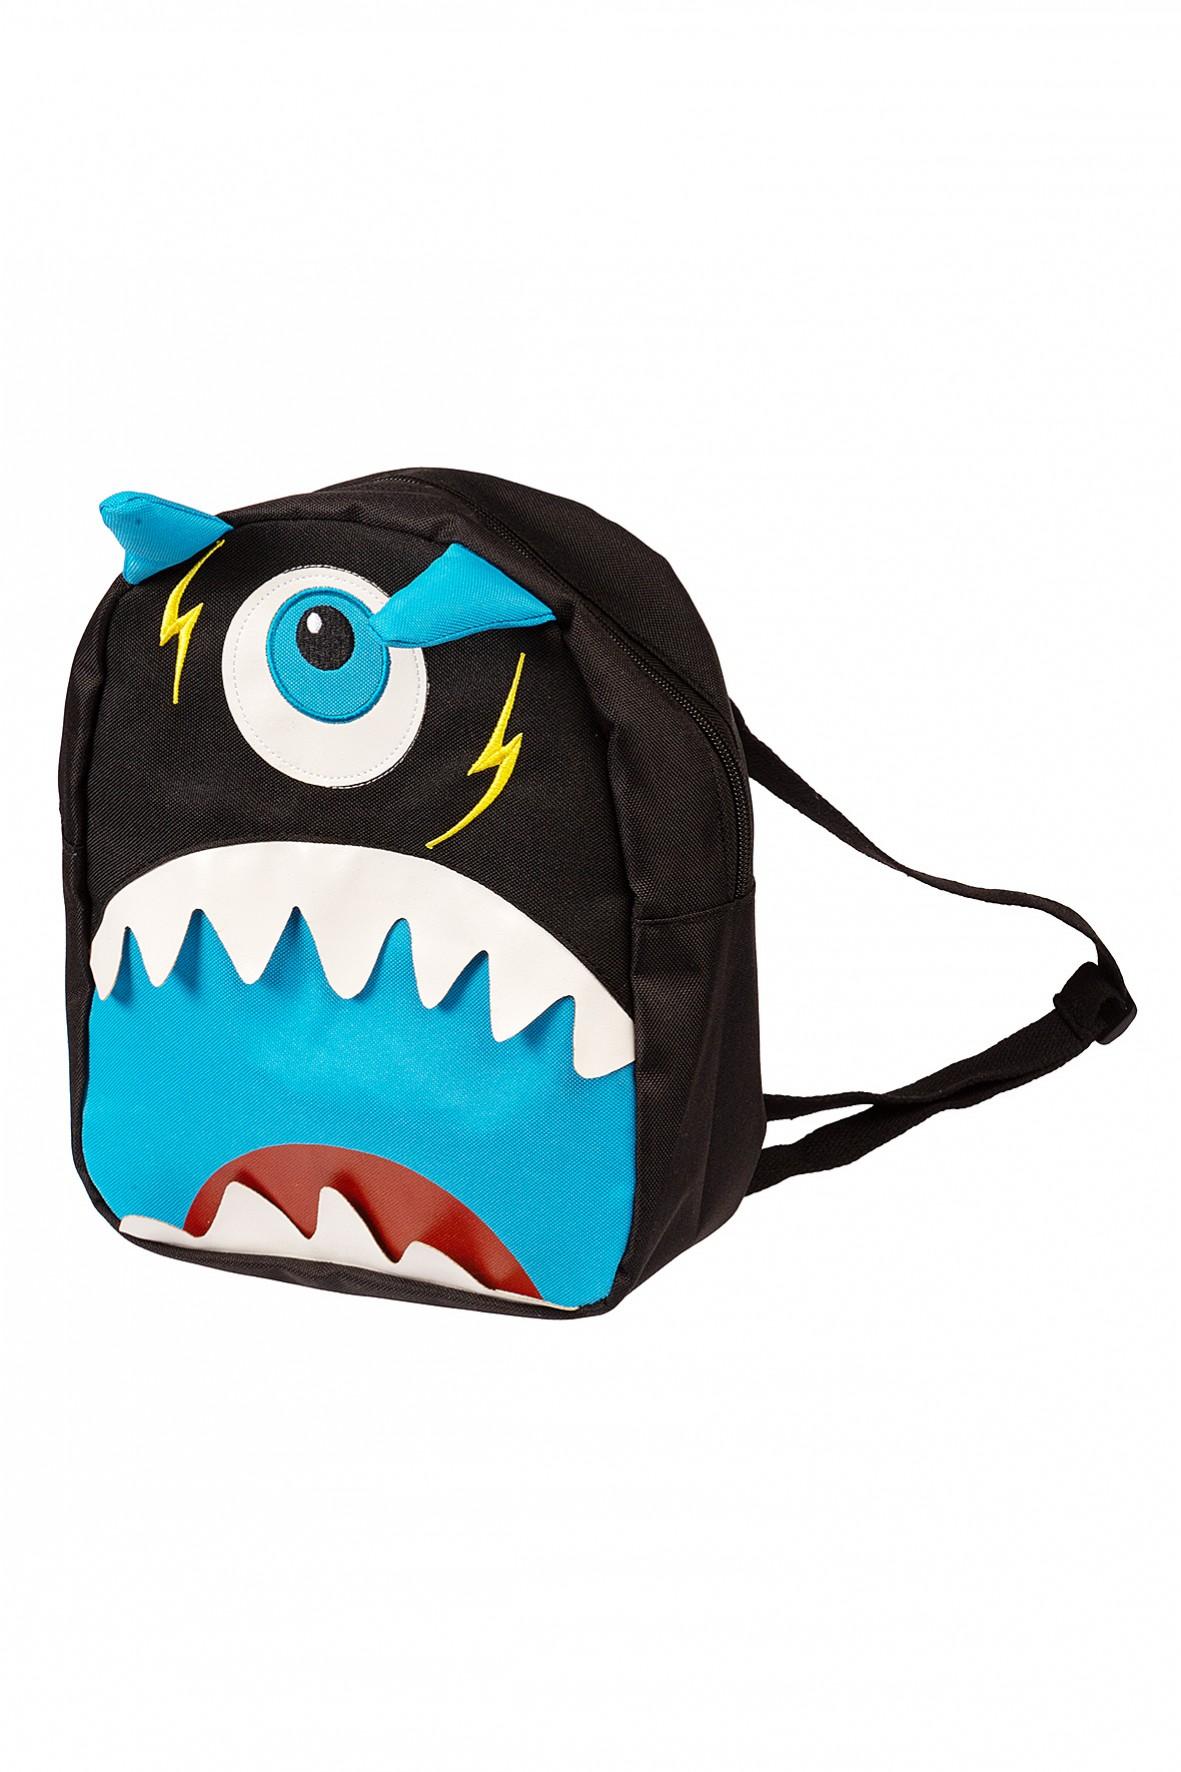 Plecak chłopięcy na wycieczki-potworek